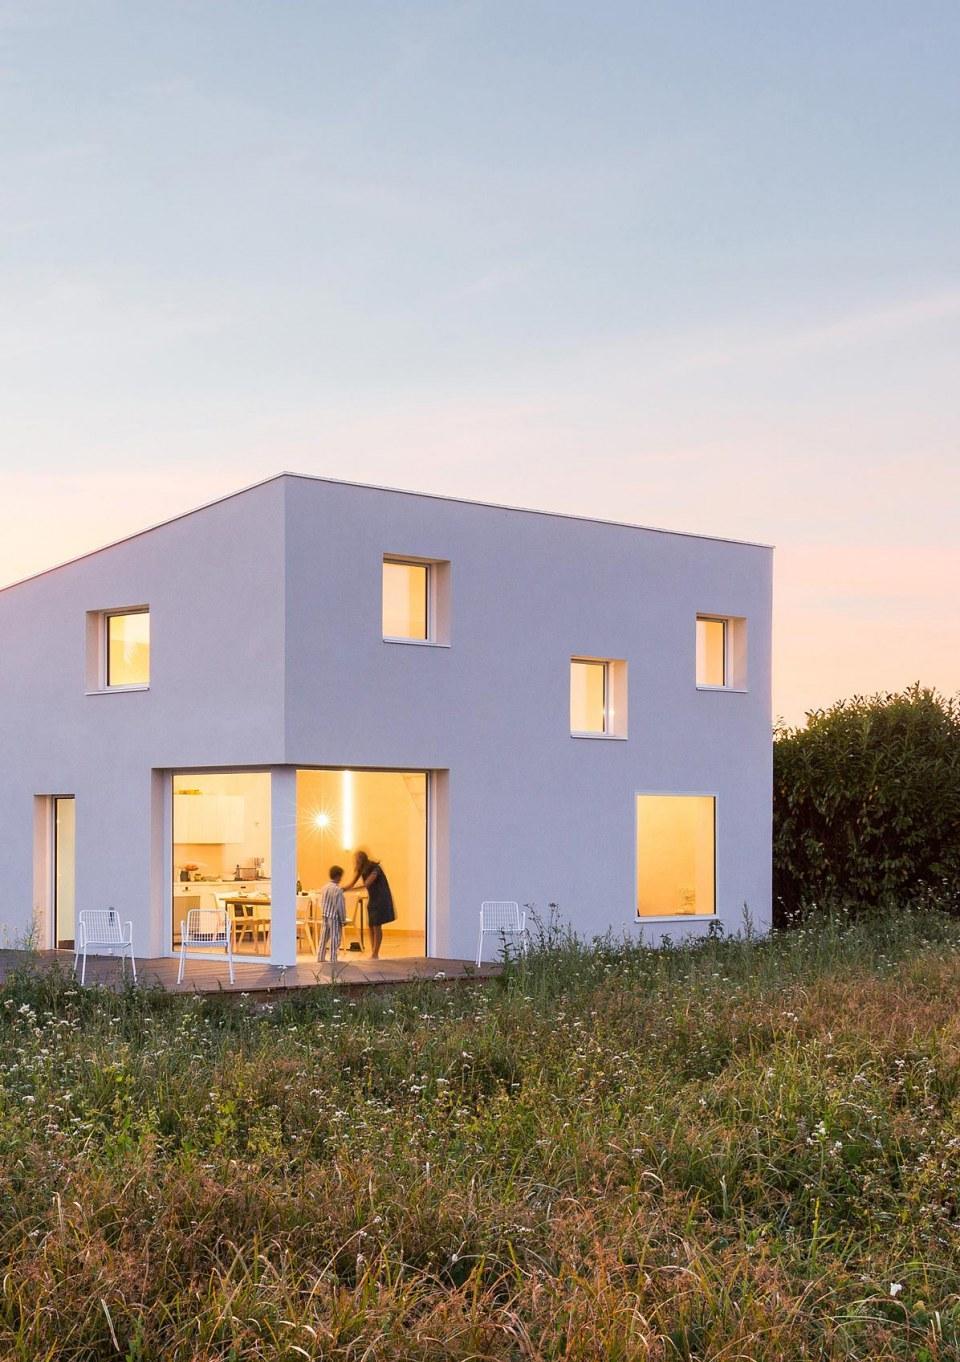 Лаконичный дом в стиле хай тек